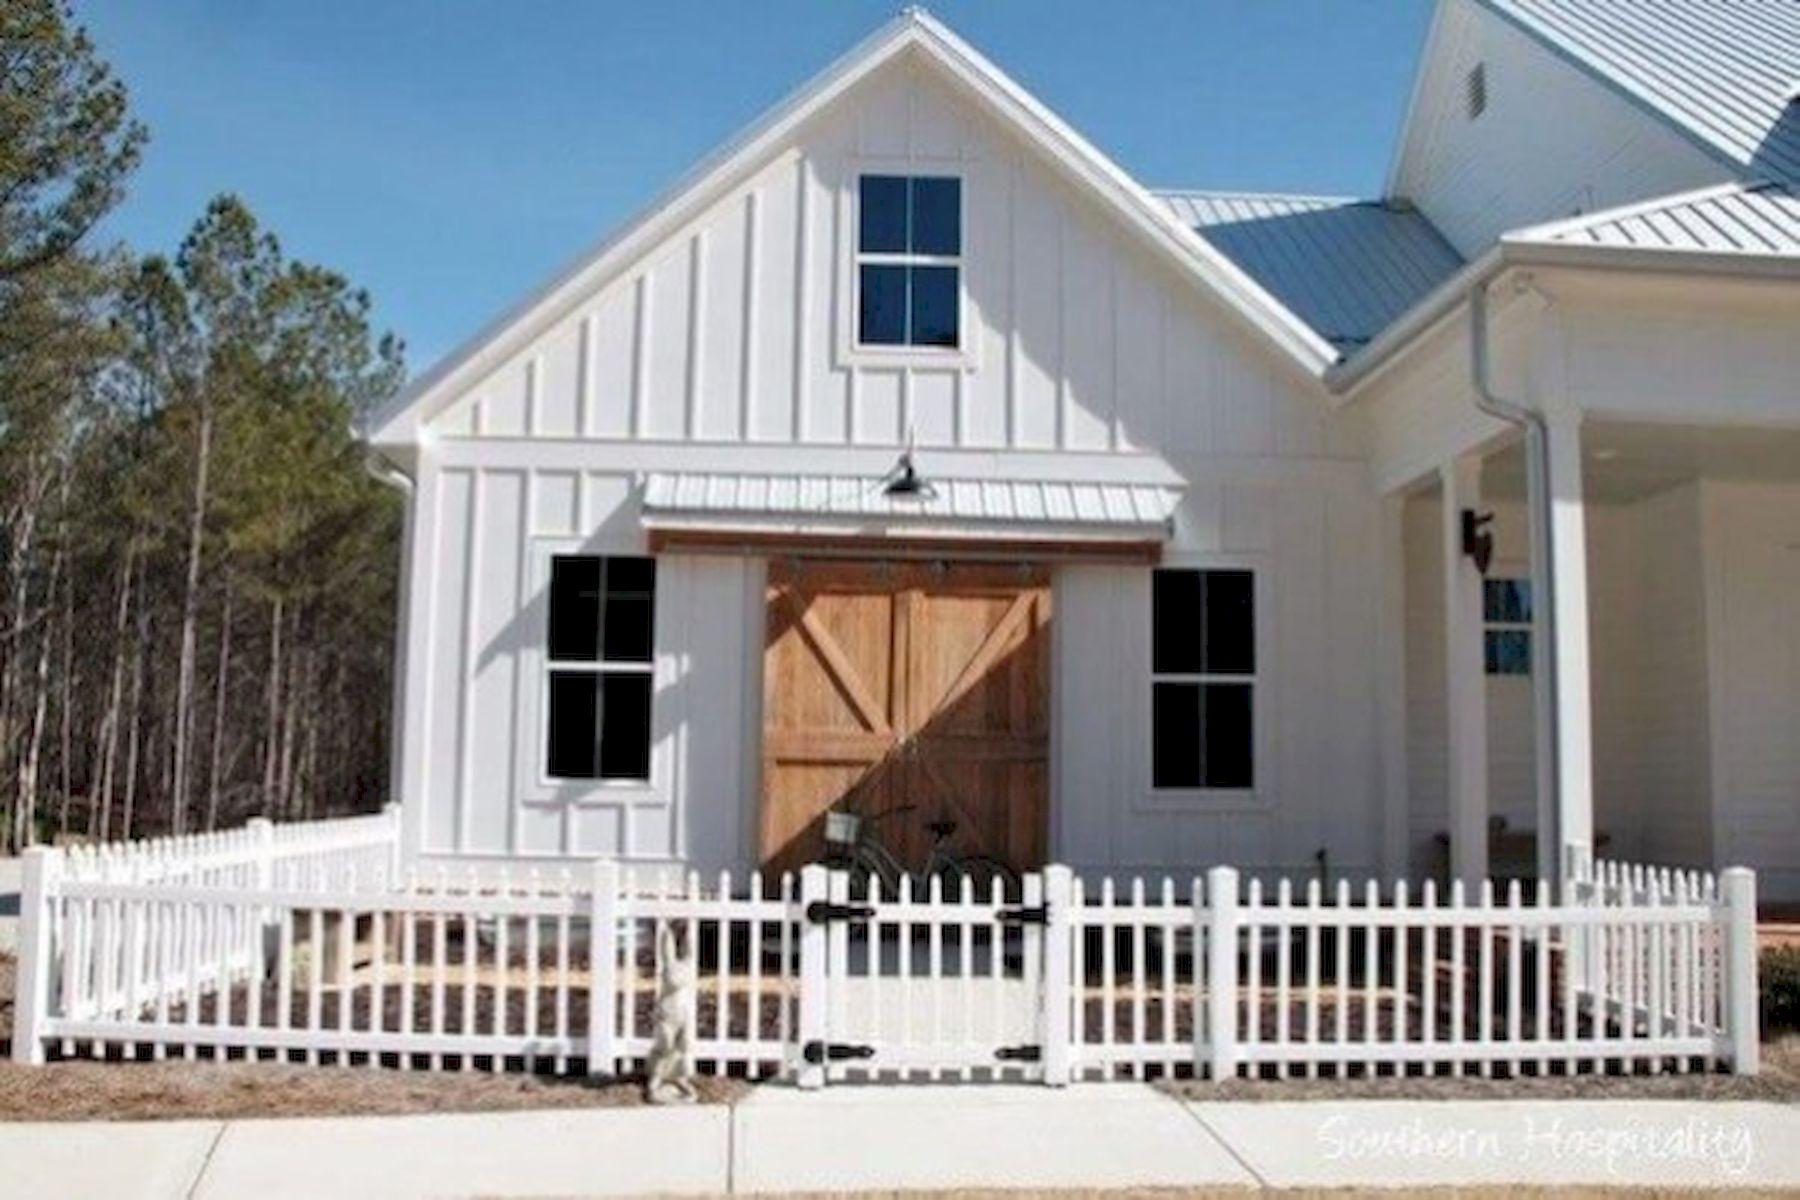 46 Awesome Farmhouse Home Exterior Design Ideas (28)